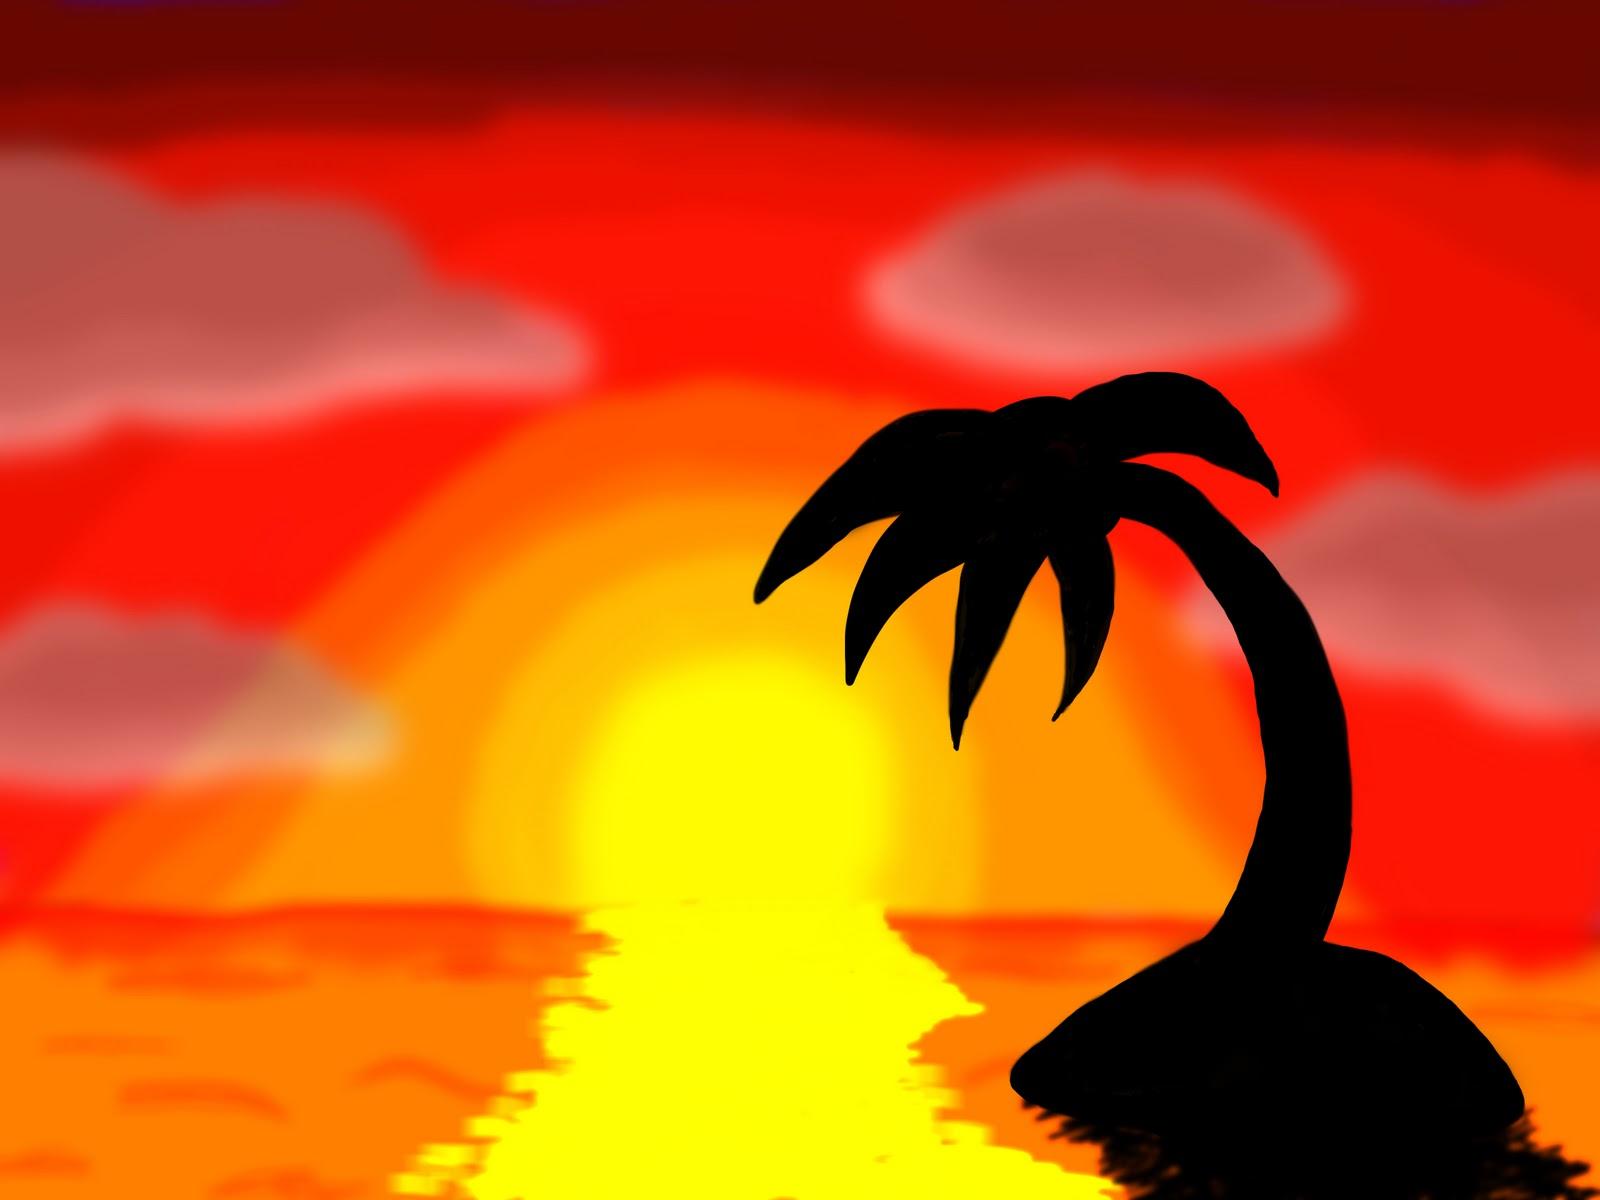 Philippe millette dessin coucher du soleil - Coucher de soleil dessin ...